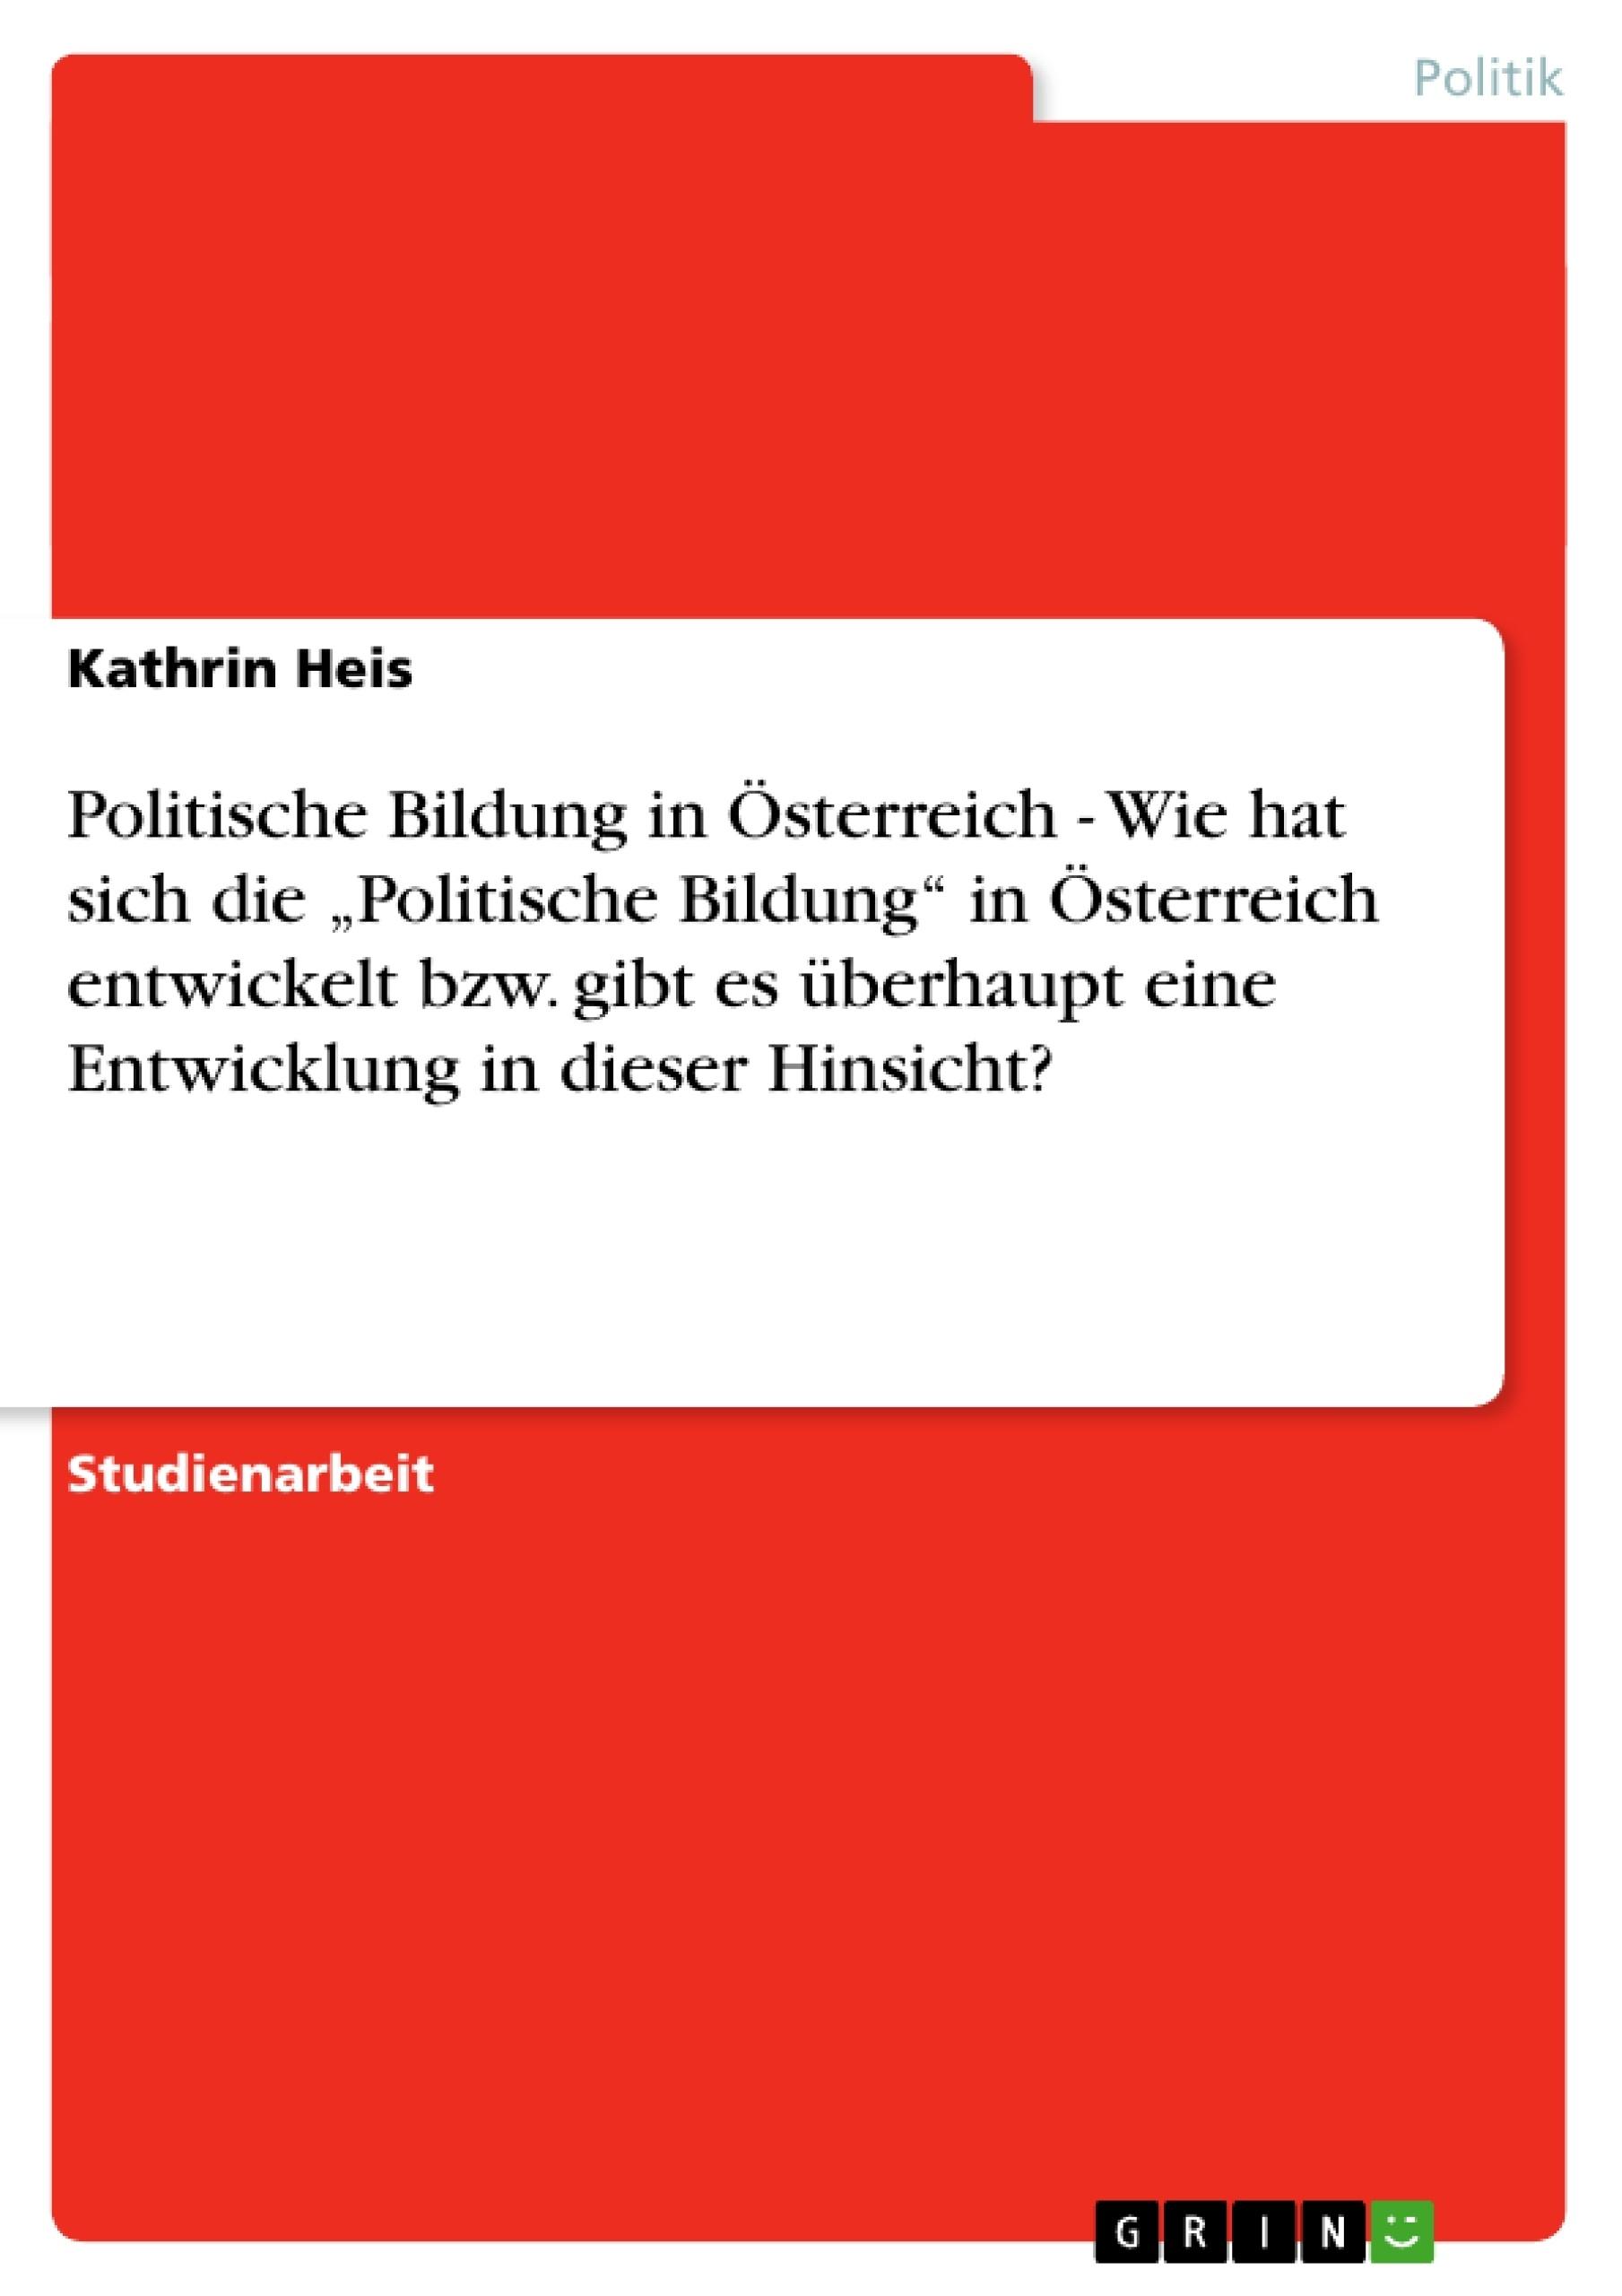 """Titel: Politische Bildung in Österreich - Wie hat sich die """"Politische Bildung"""" in Österreich entwickelt bzw. gibt es überhaupt eine Entwicklung in dieser Hinsicht?"""